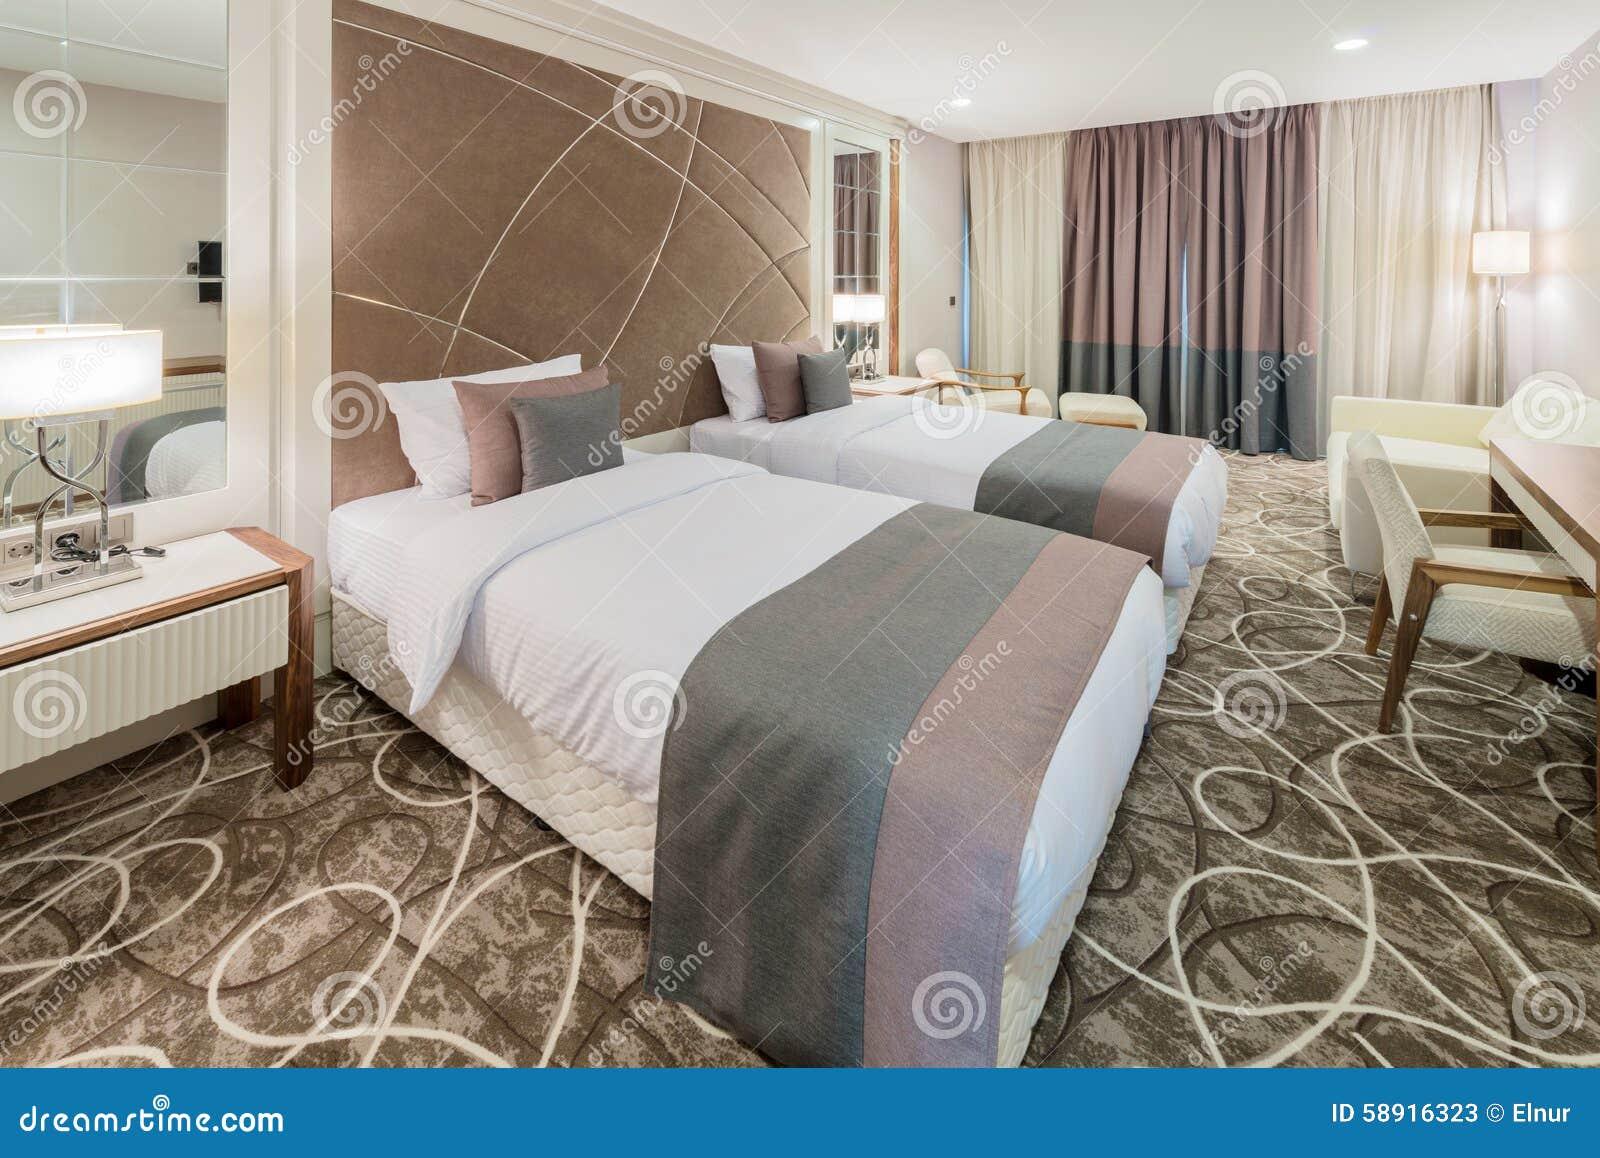 Sala de hotel com interior moderno